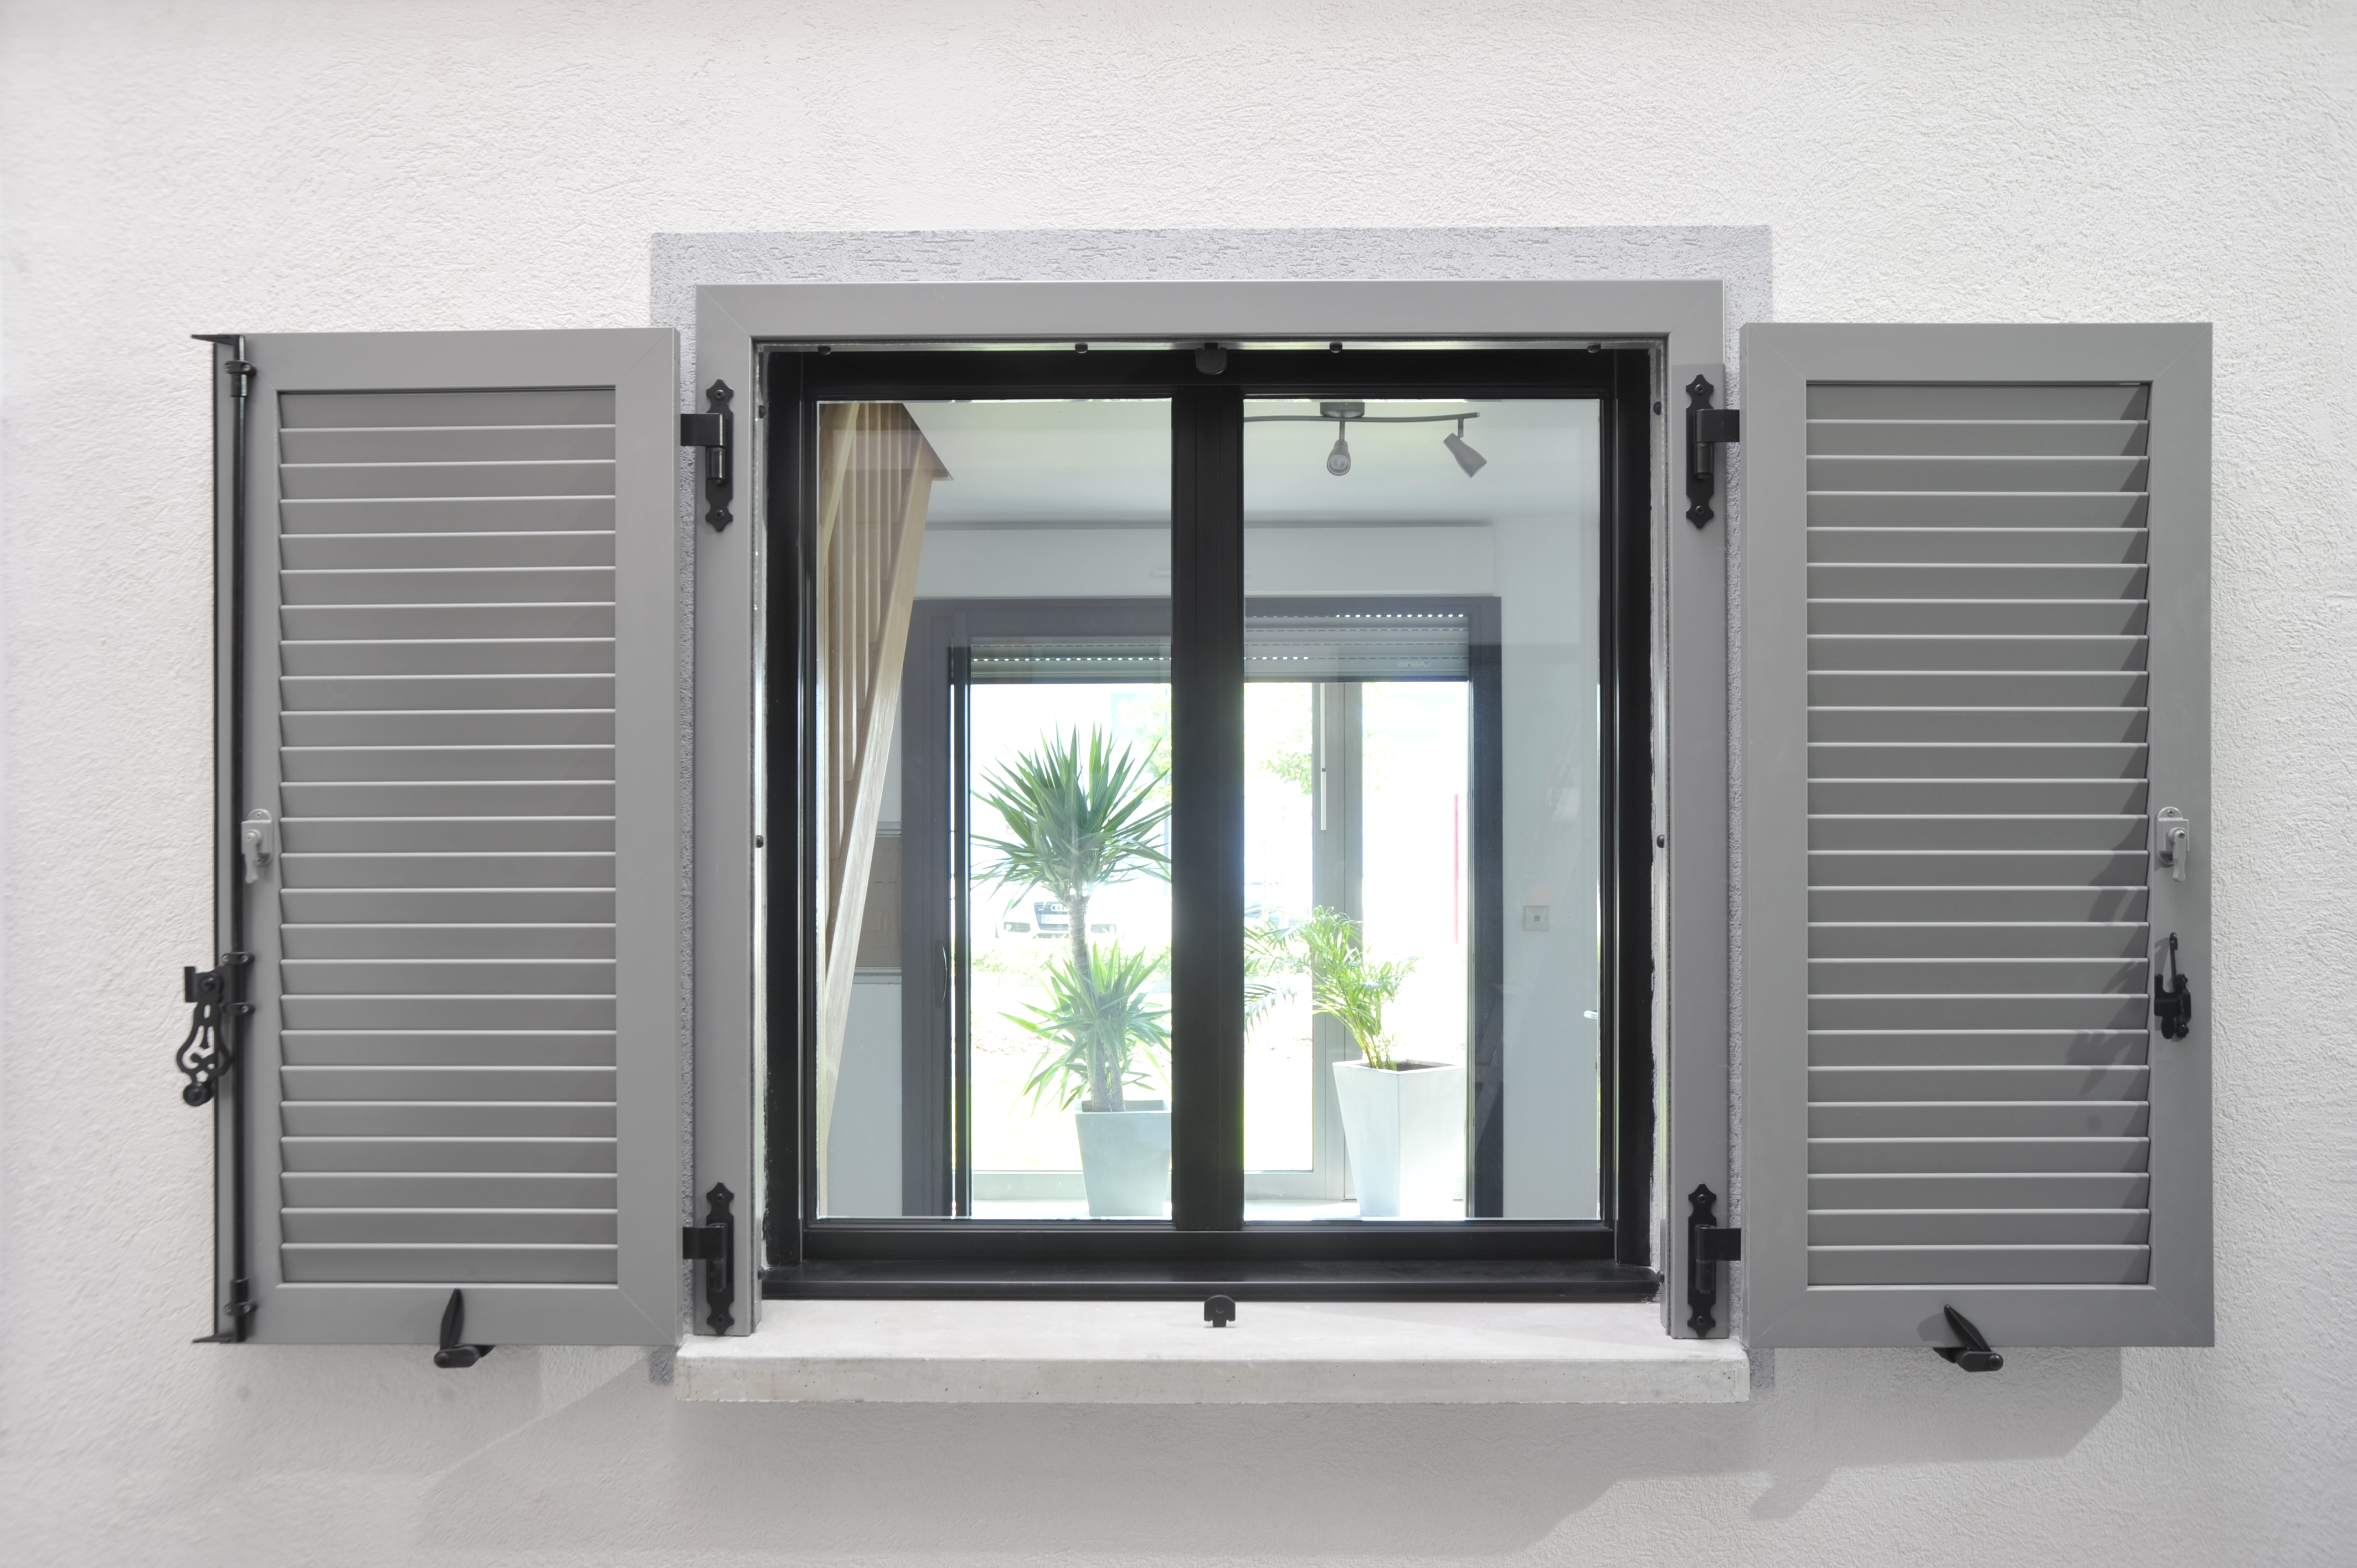 8 volets battants a b b bouchat le professionnel des ch ssis dans votre r gion. Black Bedroom Furniture Sets. Home Design Ideas